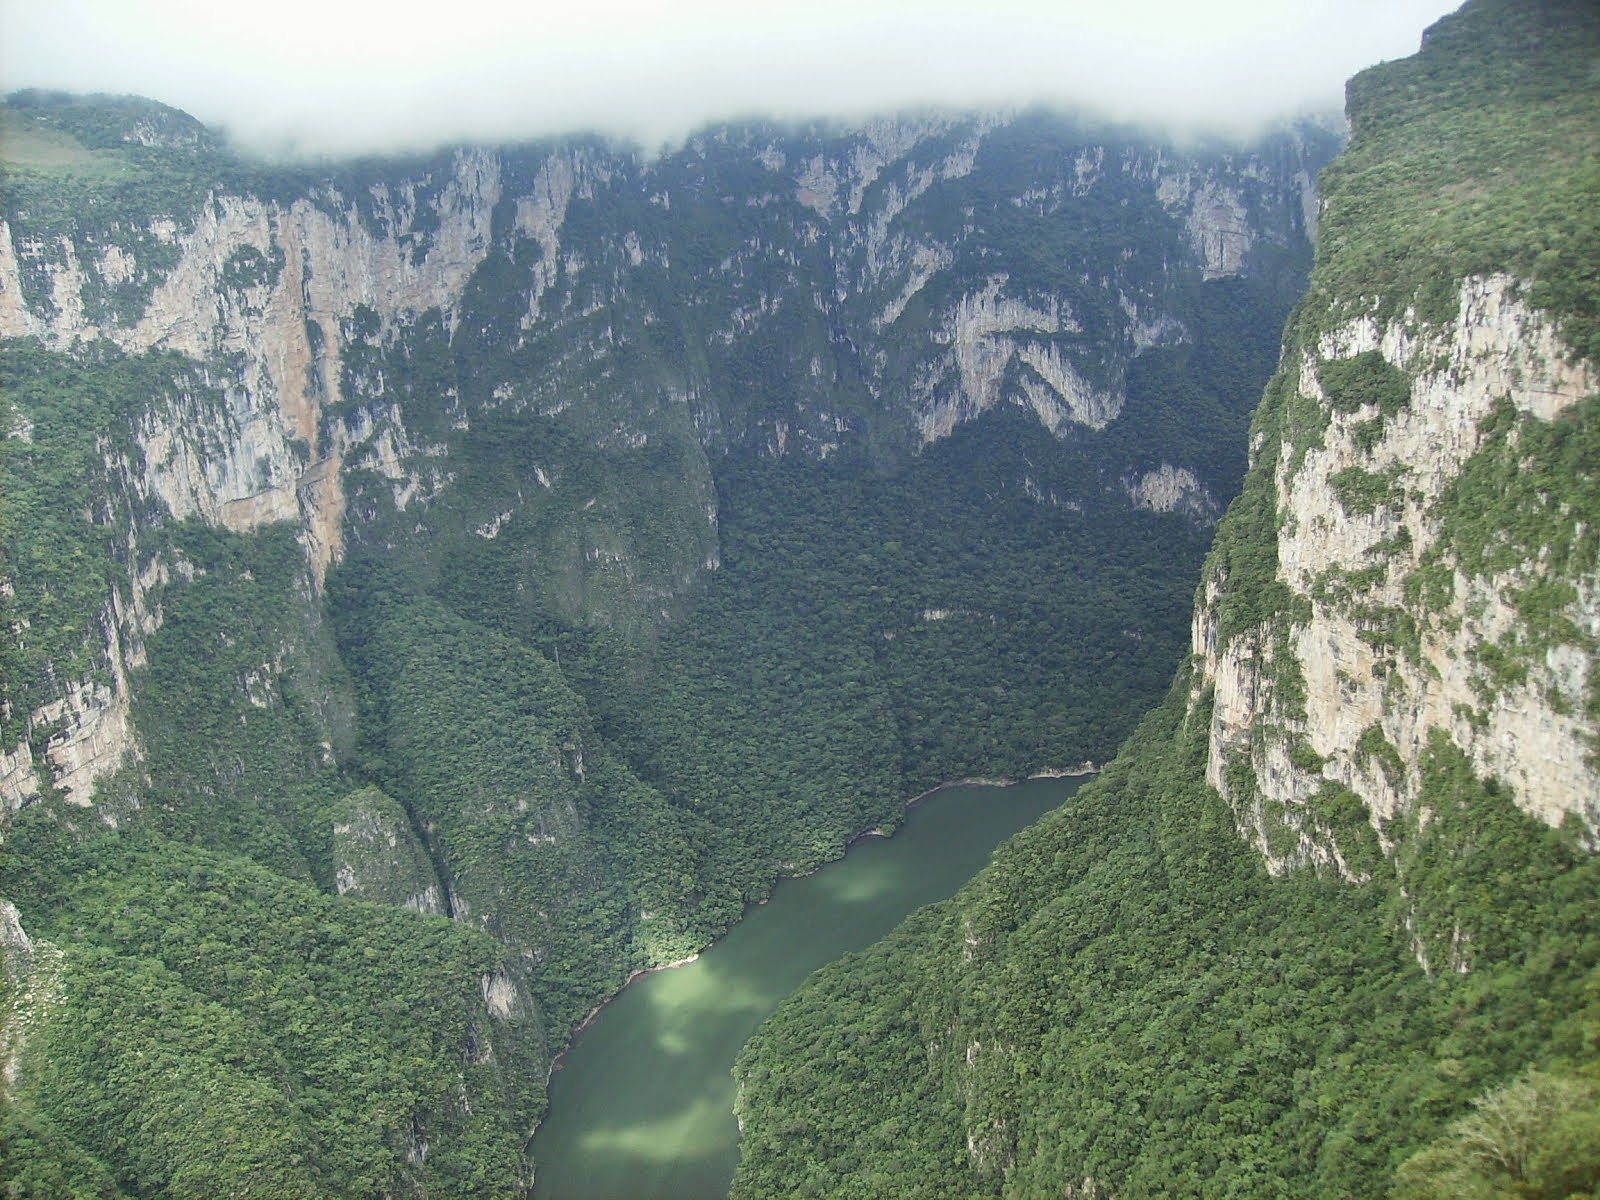 El Cañón del Sumidero en Chiapas México